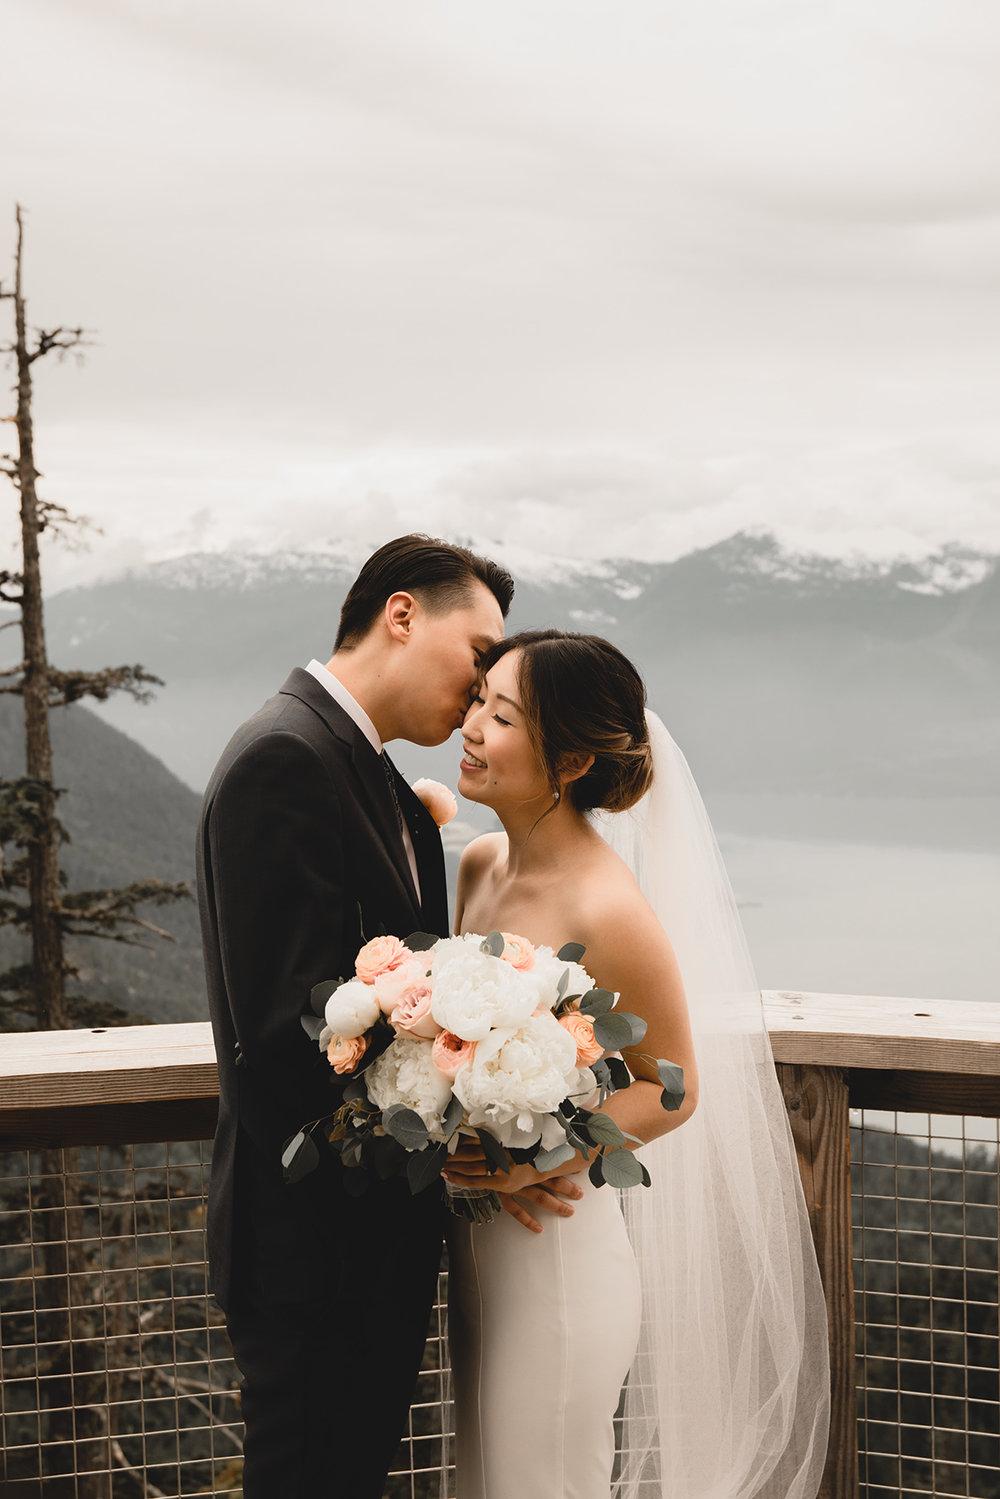 David + Esther - Squamish, BC Wedding Wedding Photography